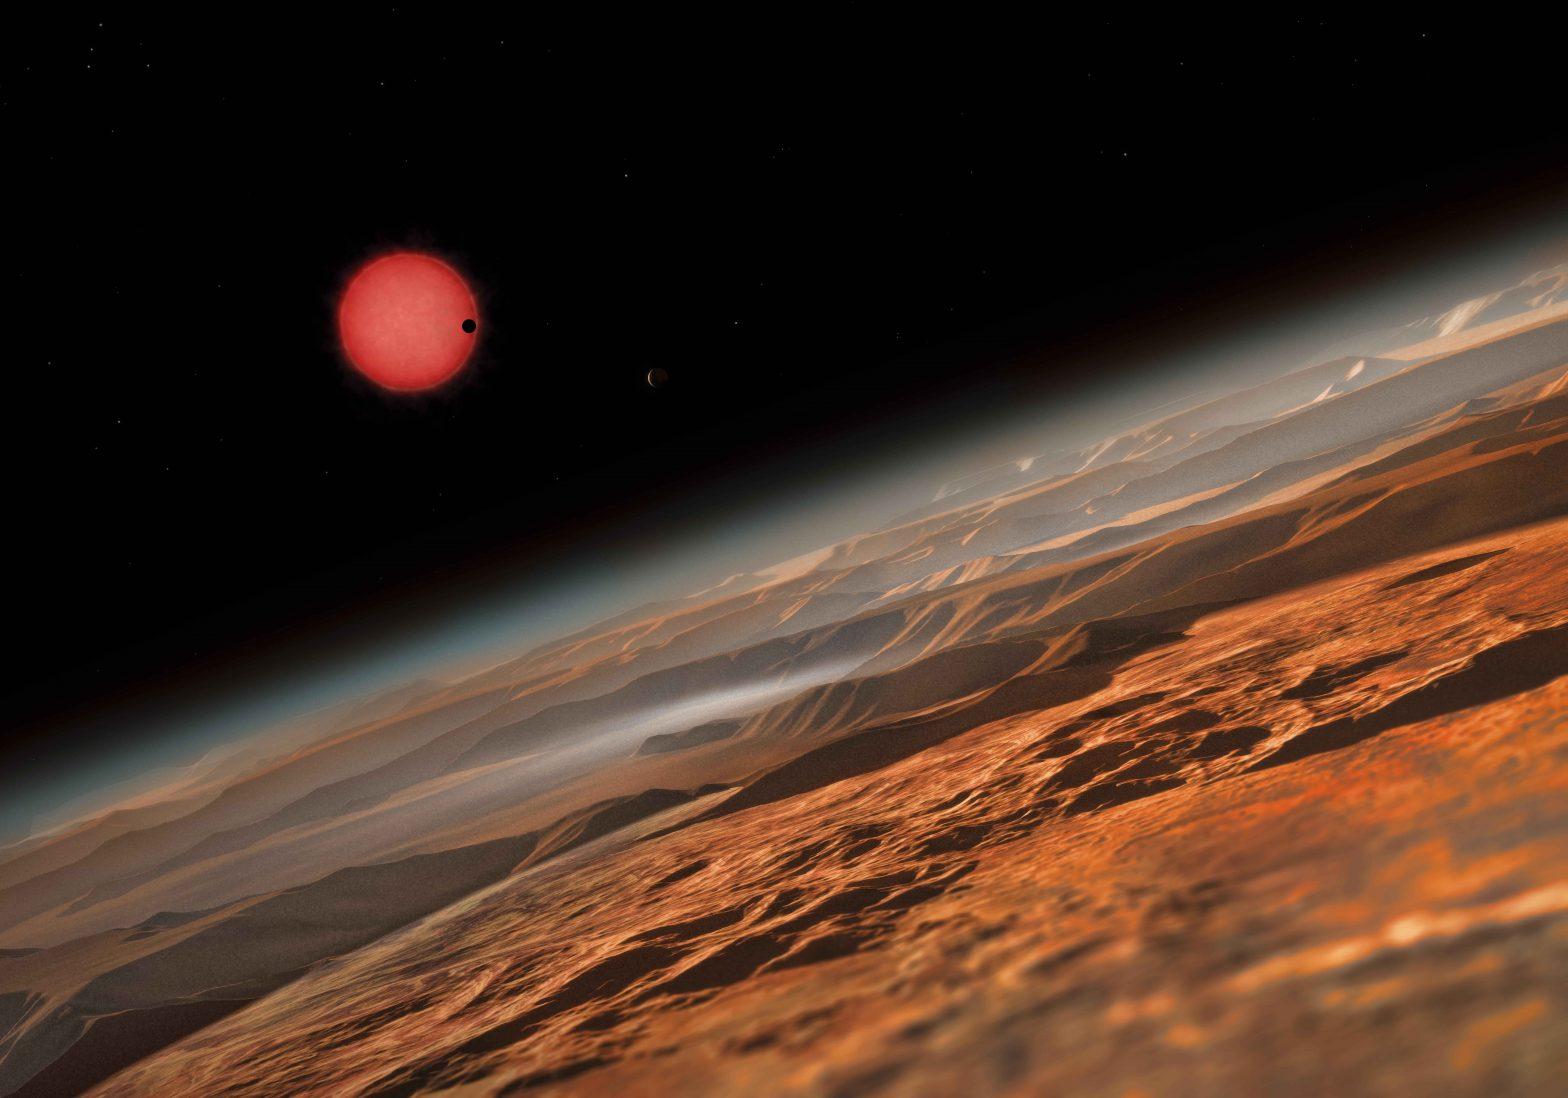 astroforscher-errechnen-in-einer-studie-eine-hohere-wahrscheinlichkeit-fur-leben-auf-anderen-planeten